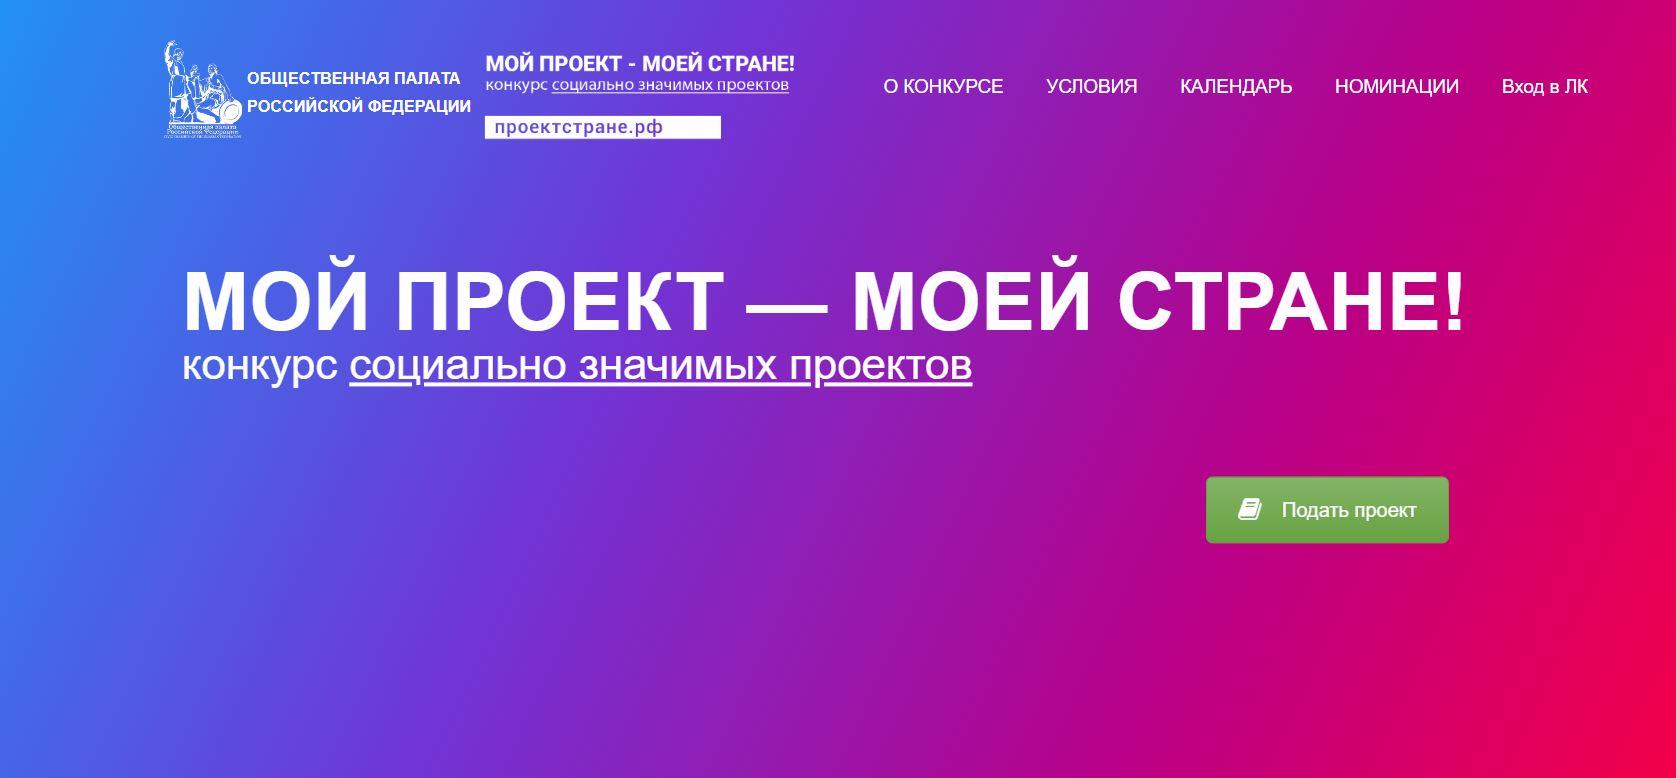 Конкурс социально значимых проектов «Мой проект — моей стране!»